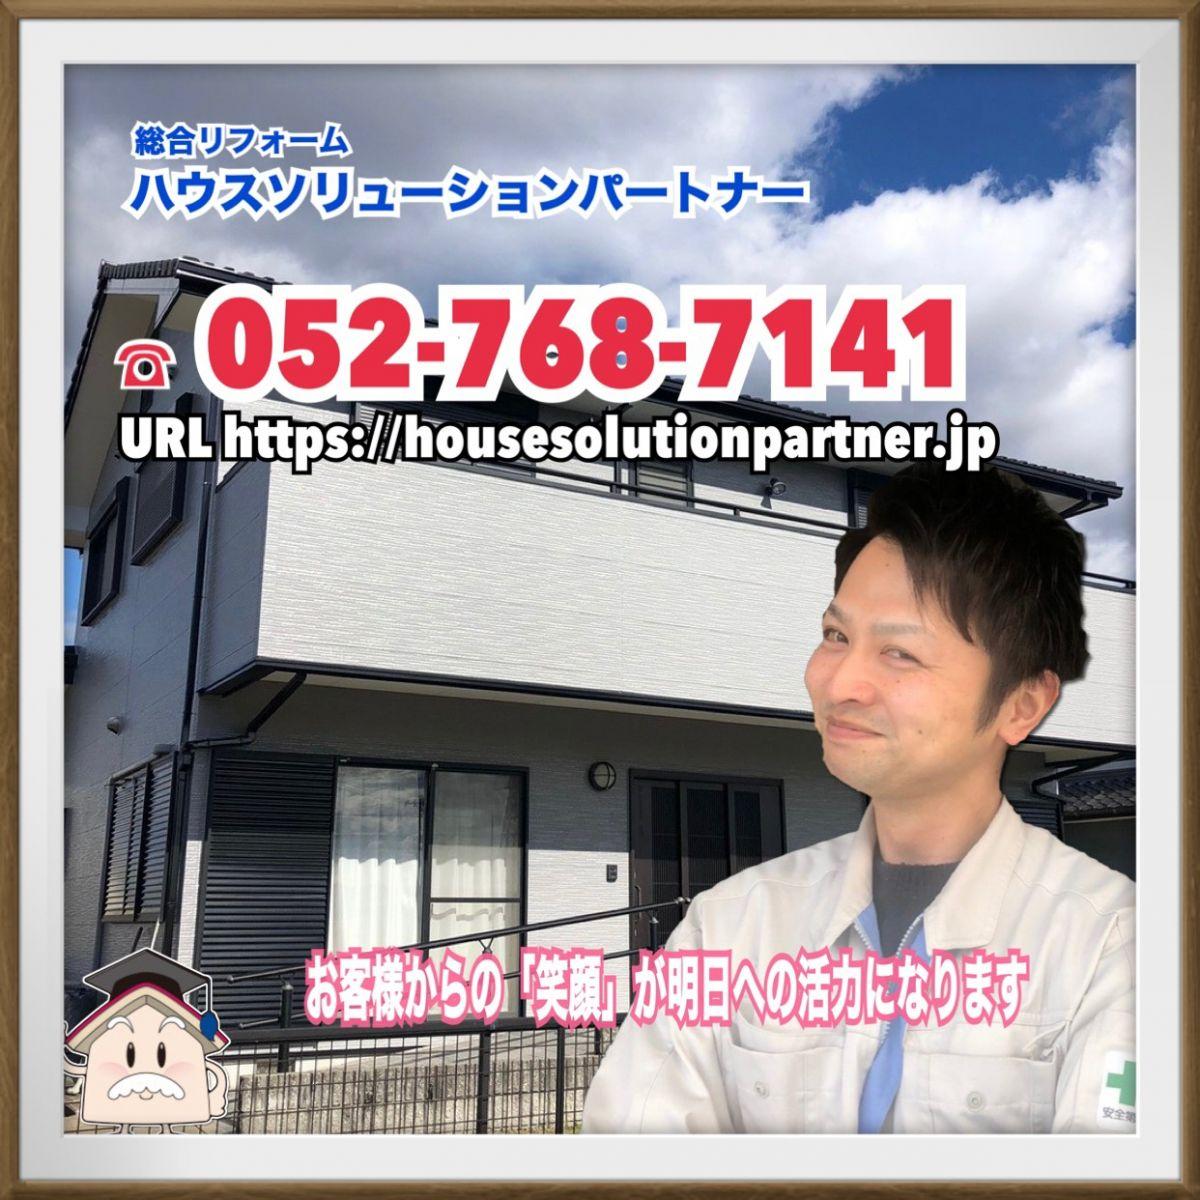 jirei_image53459